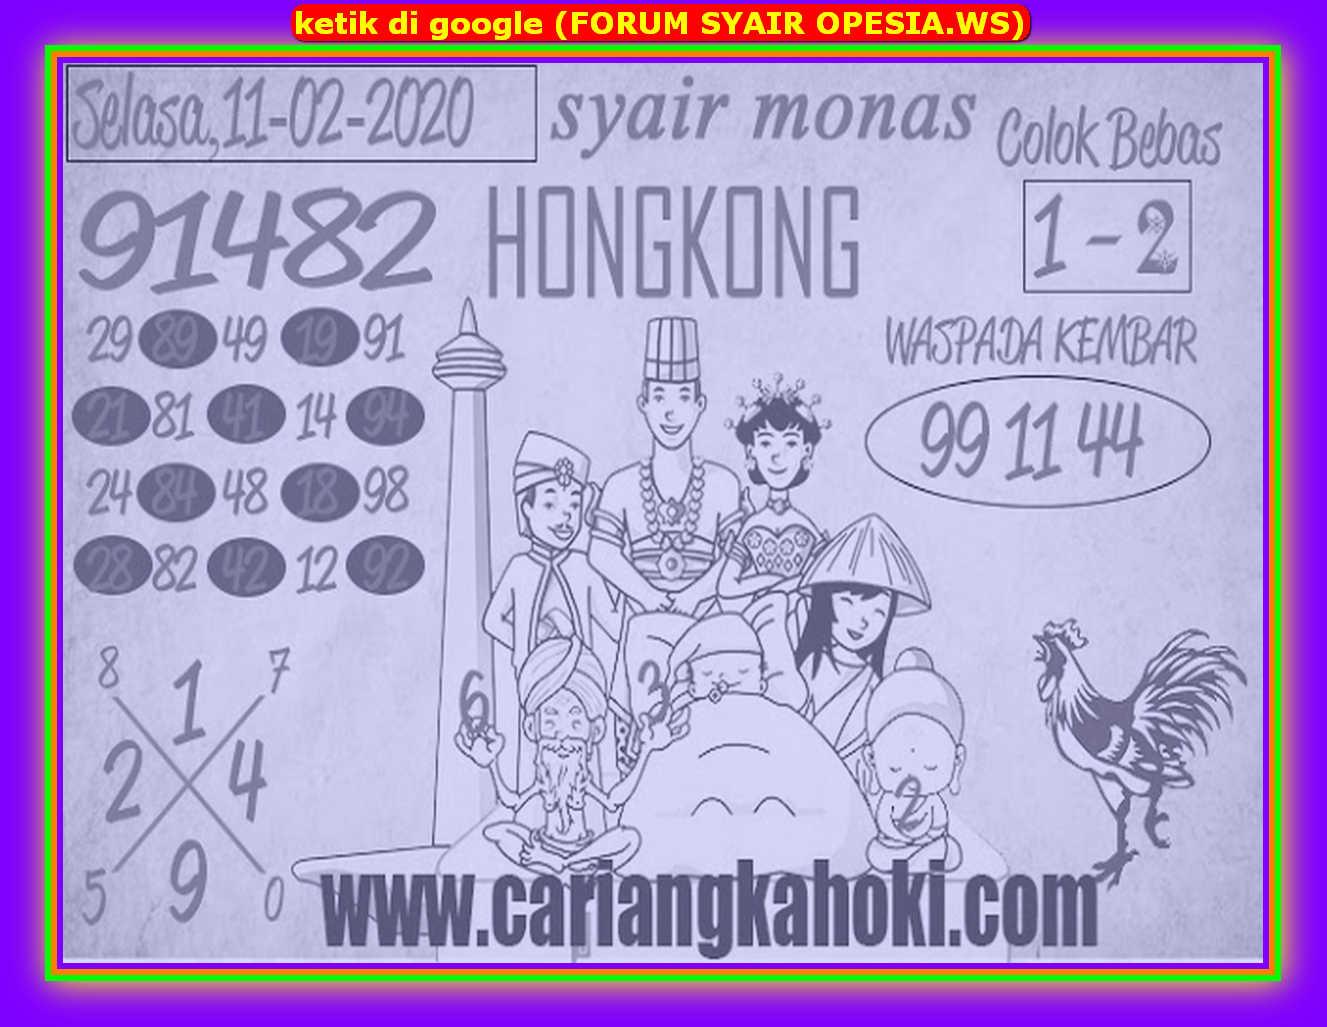 Kode syair Hongkong Selasa 11 Februari 2020 172